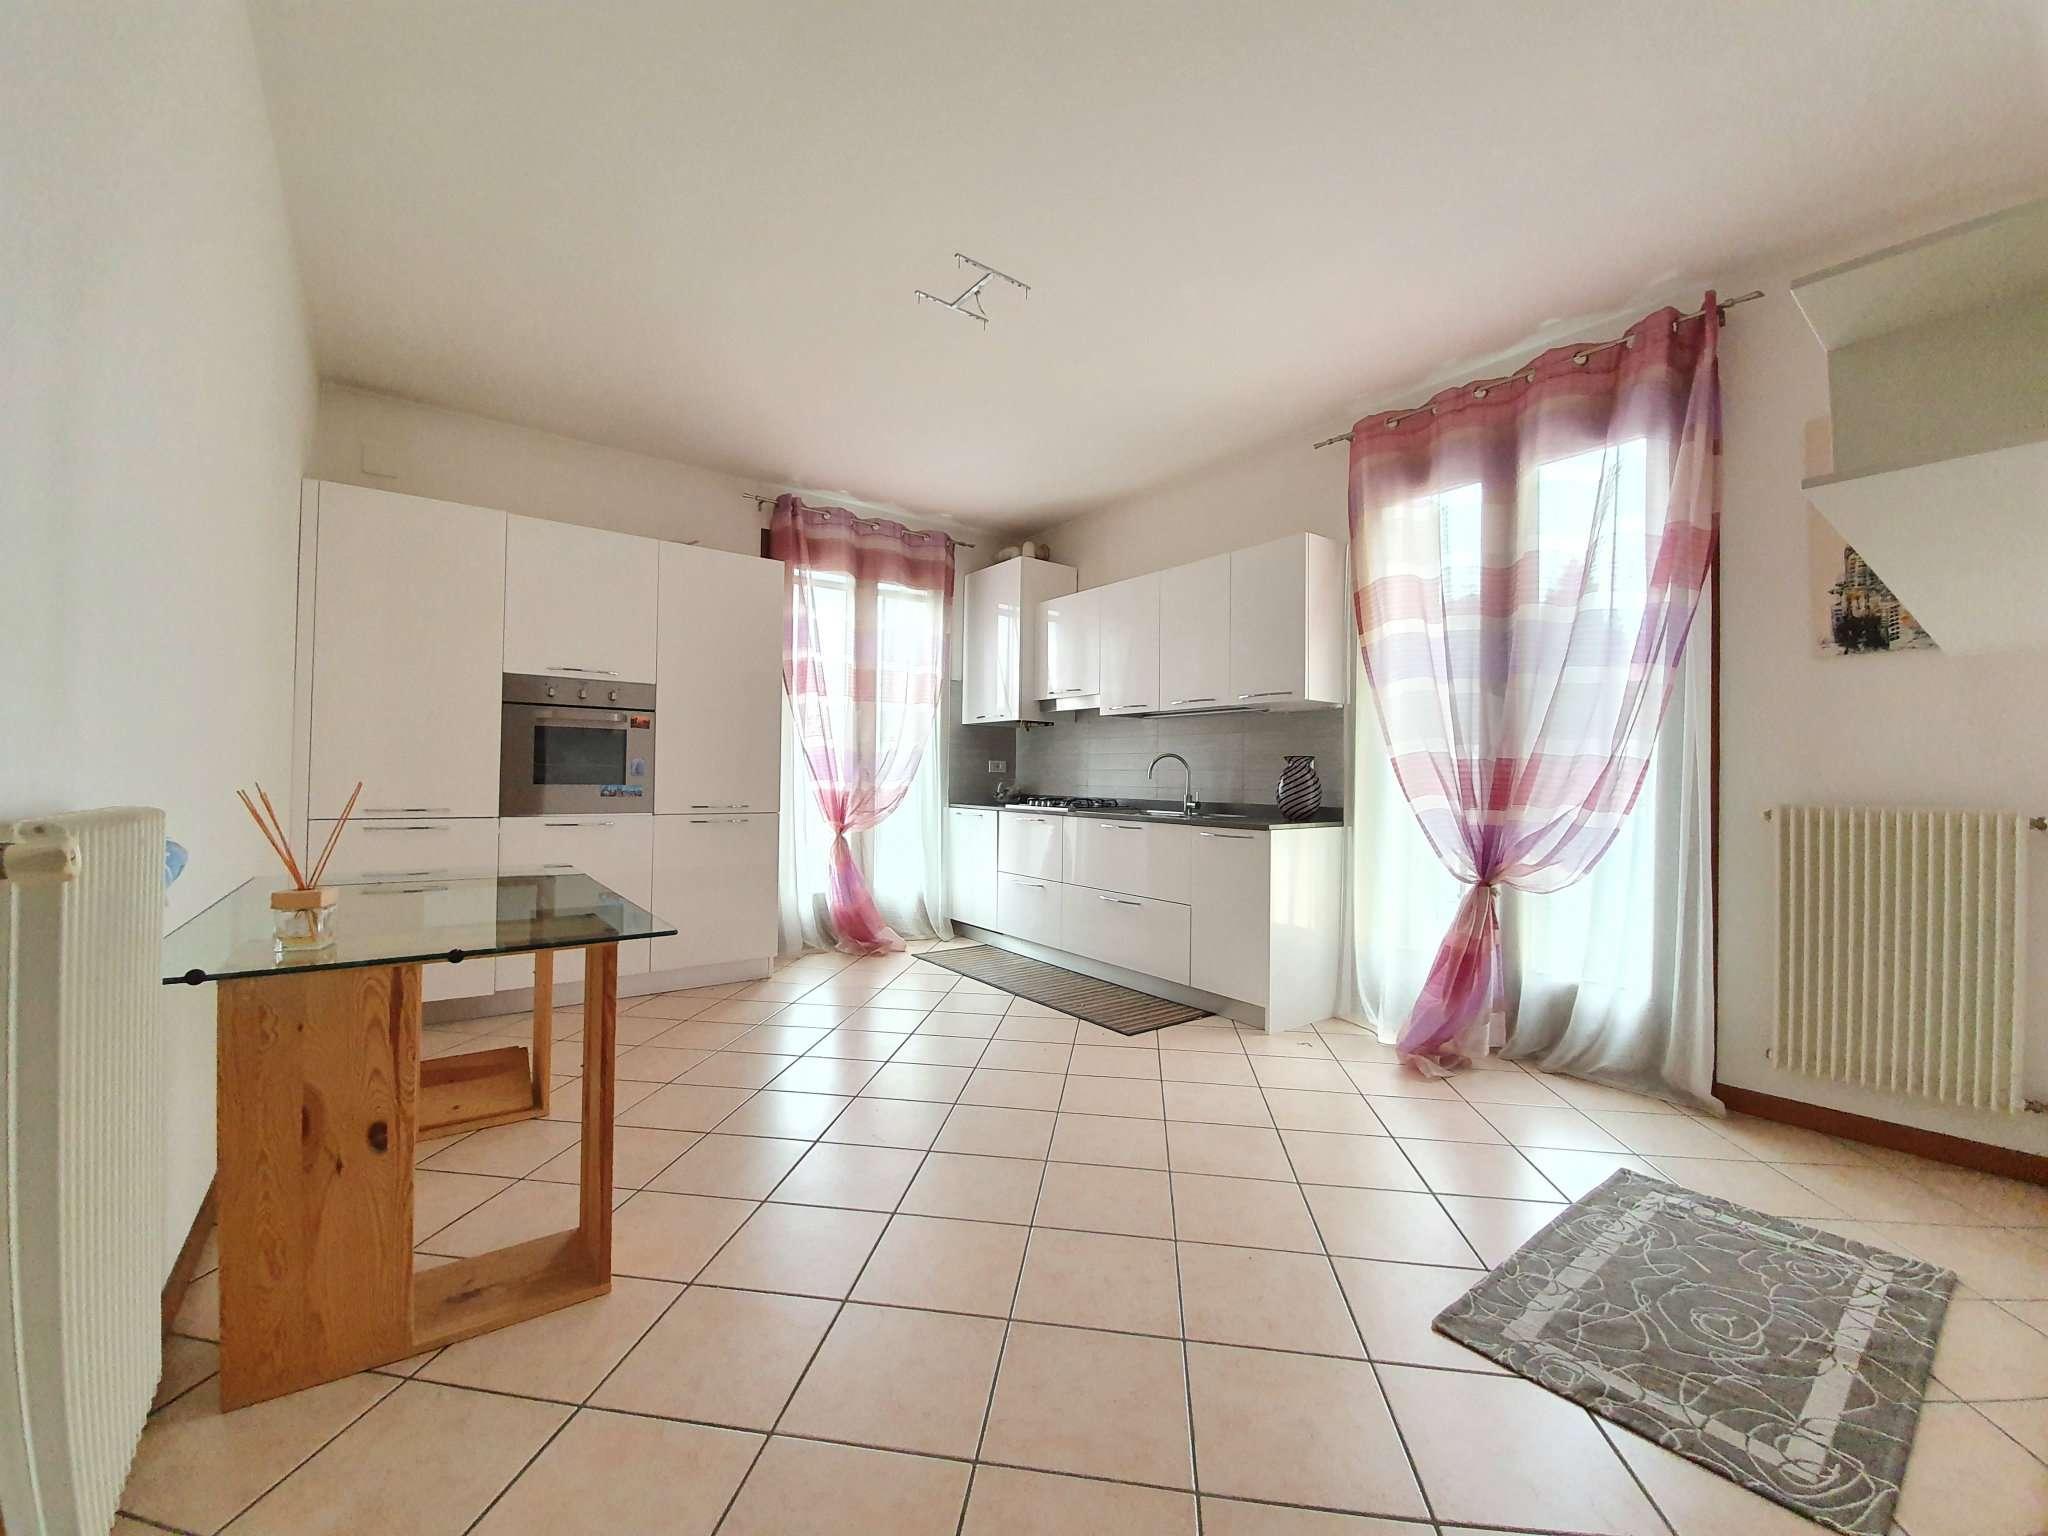 Appartamento in vendita a Chiarano, 3 locali, prezzo € 110.000 | PortaleAgenzieImmobiliari.it